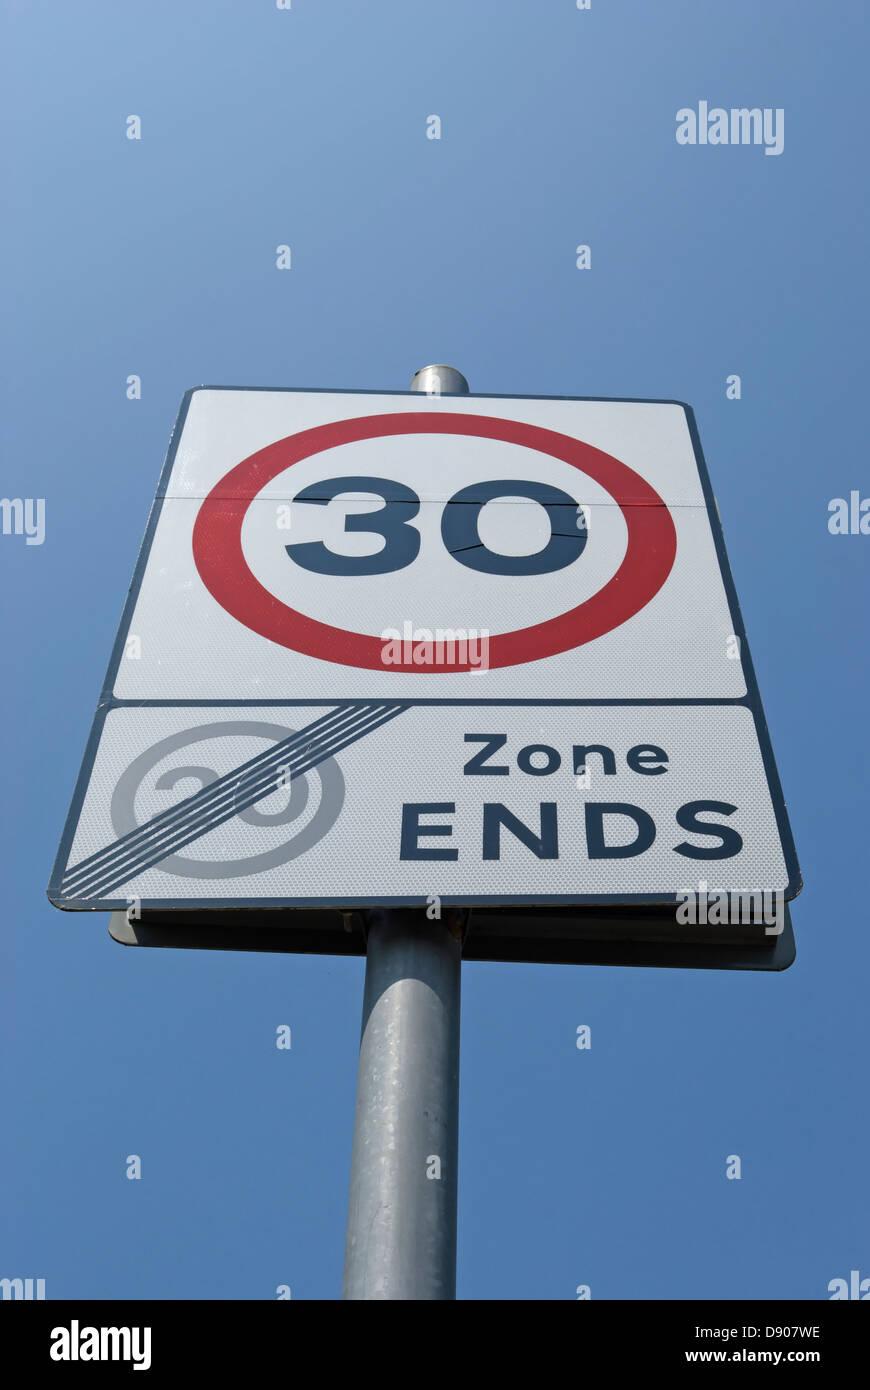 Panneau routier indiquant la fin de 20mph zone et début de zone 30 mph Banque D'Images